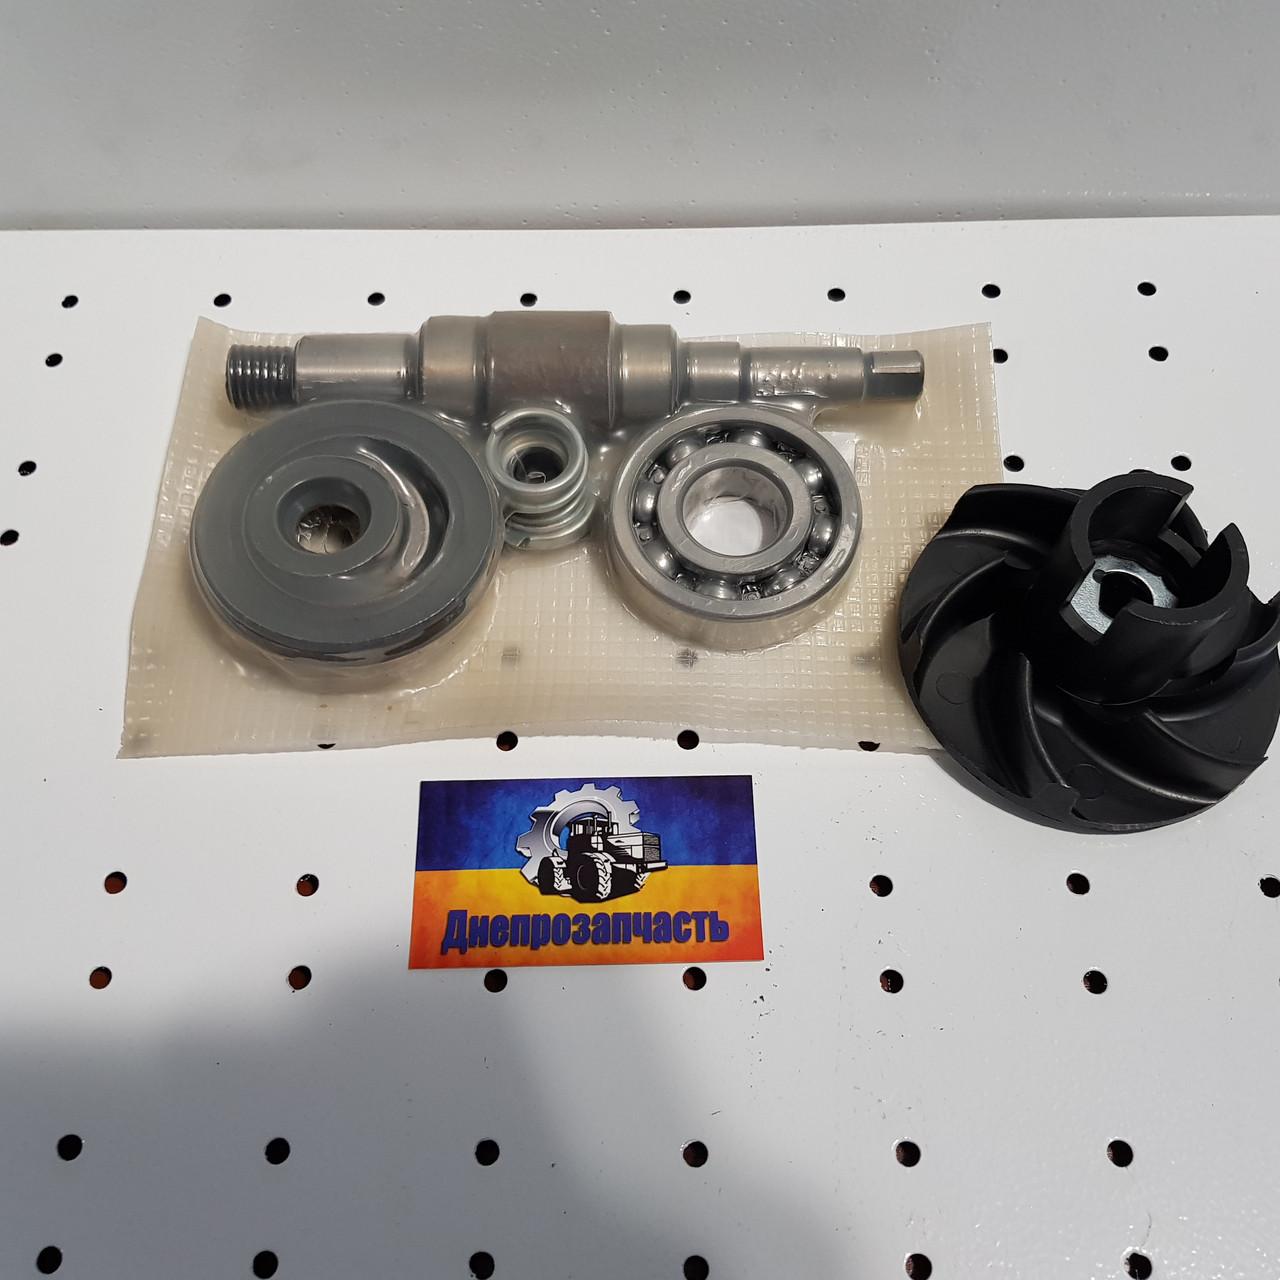 Ремкомплект водяного насоса ЮМЗ, Д-65, Д11-С12